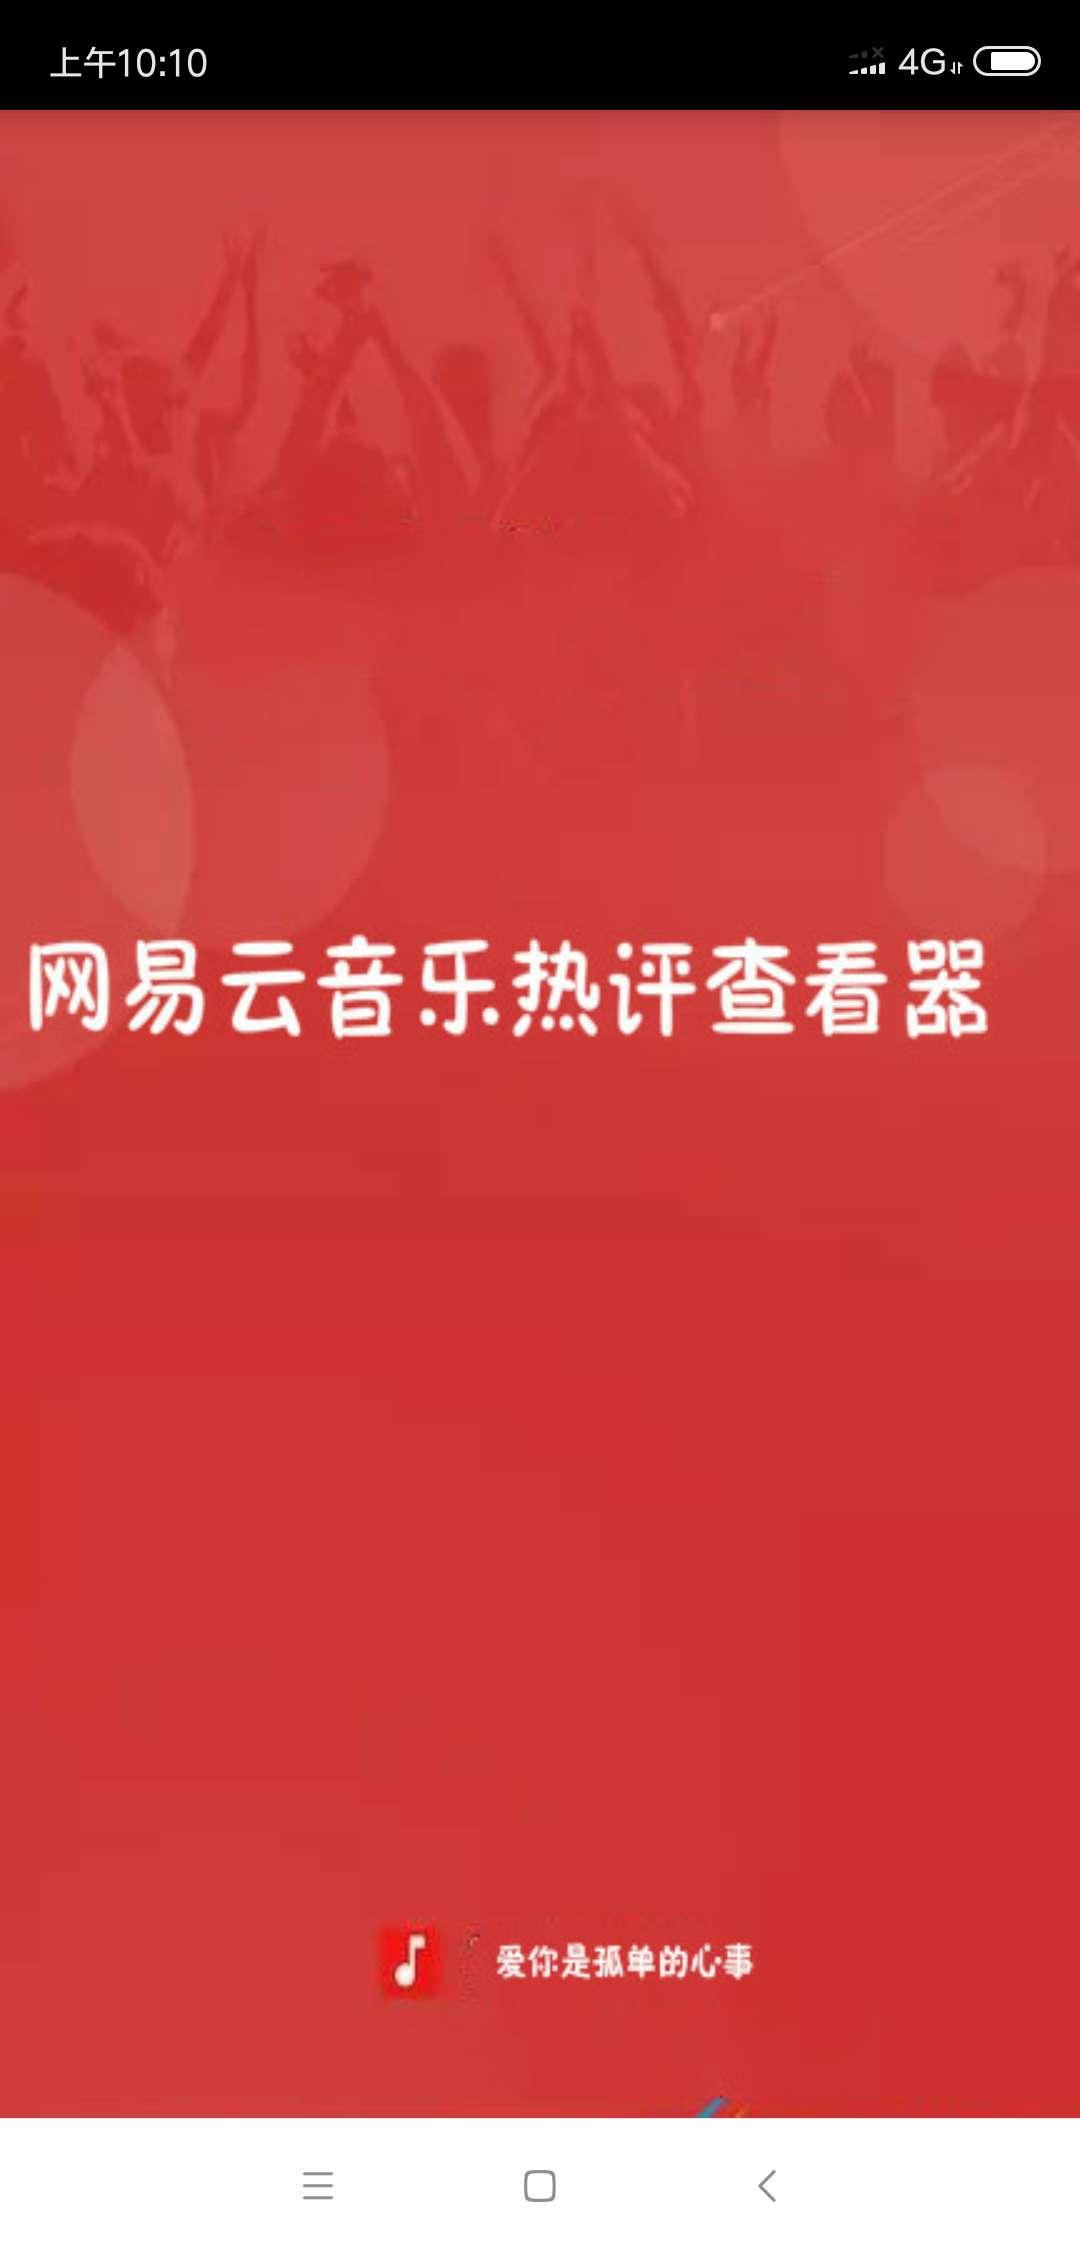 【分享】网易云热评查看器v.12版本